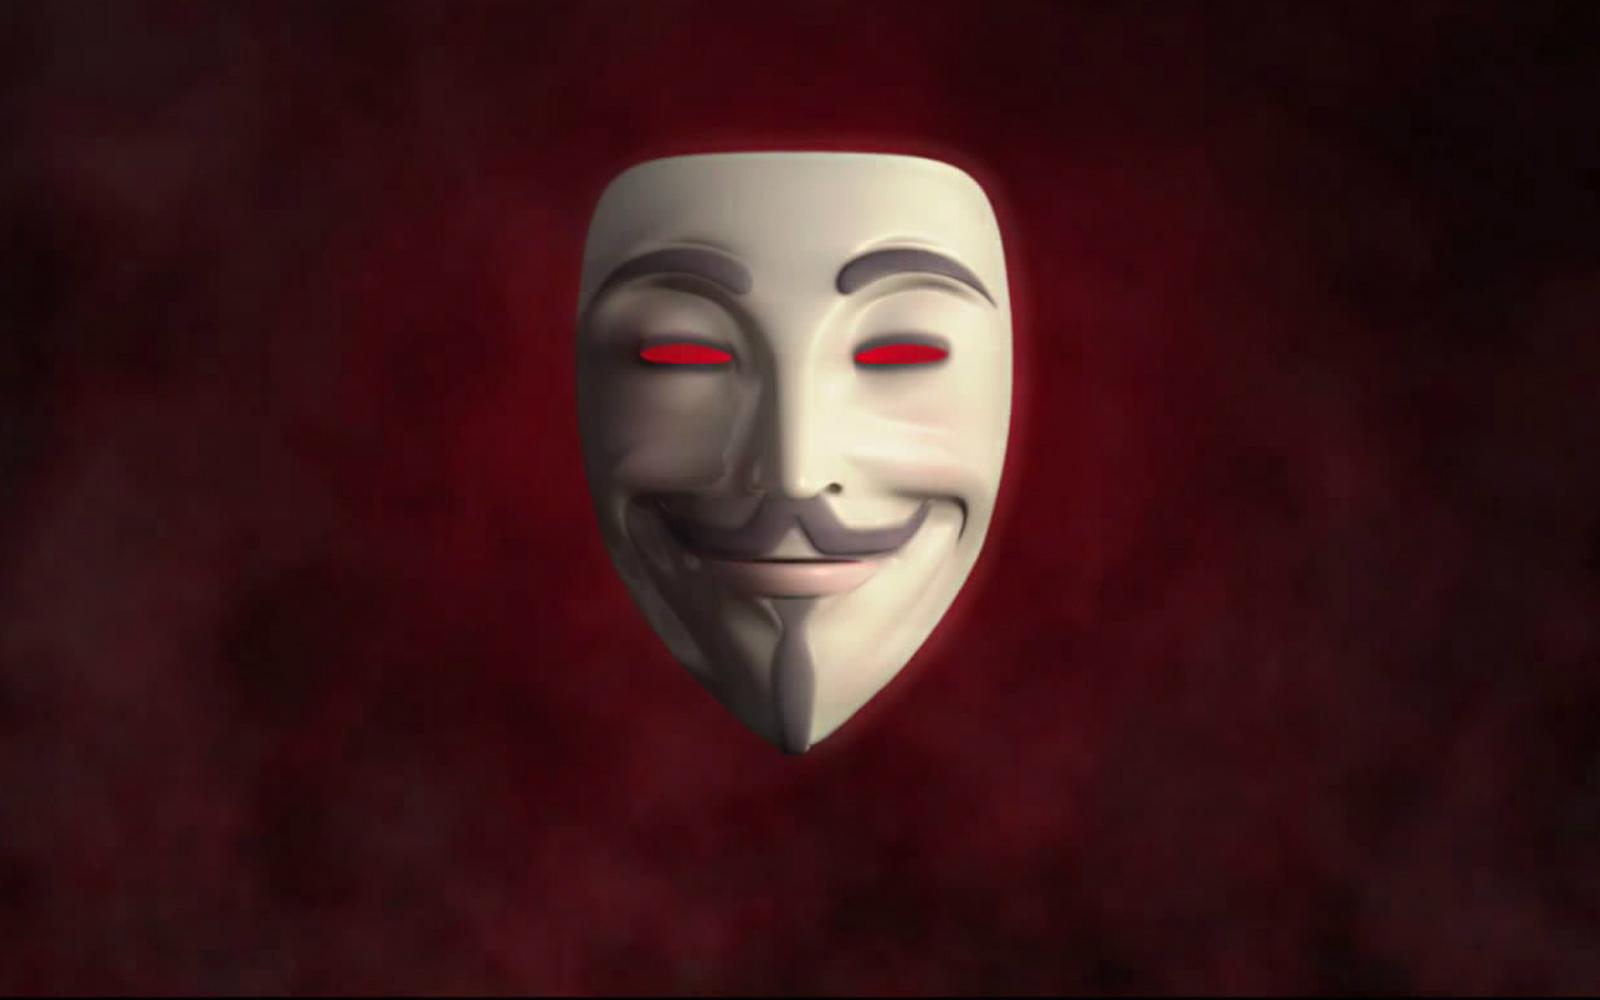 Mask guy fawkes v for vendetta TV wallpapers wwwVvallpapernetjpg 1600x1000